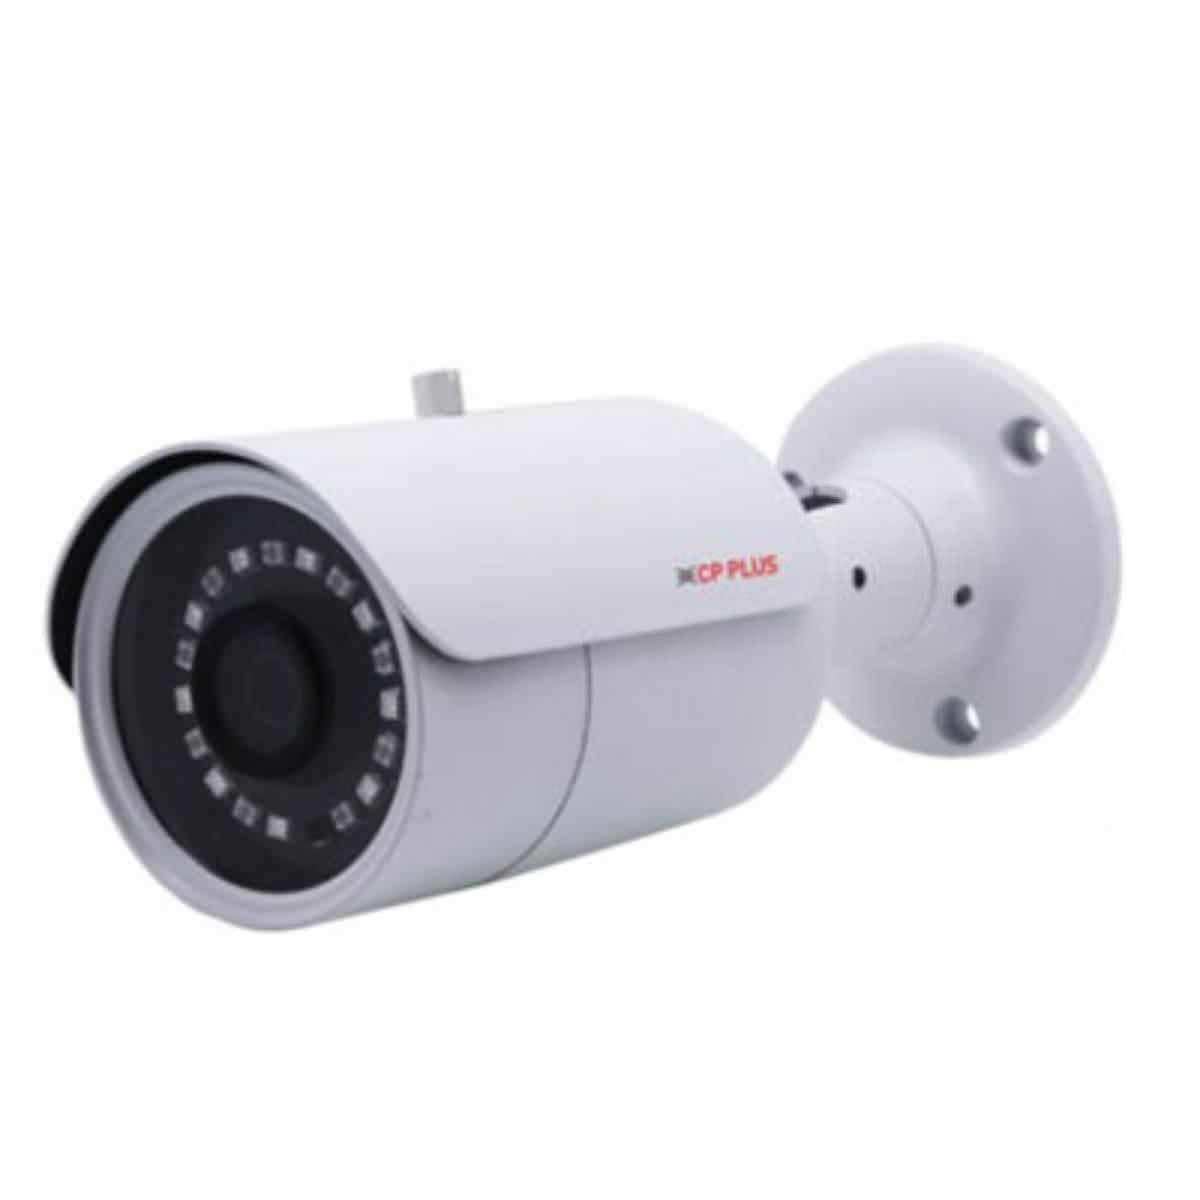 CP Plus Camera  (CP-VAC-T10L3)